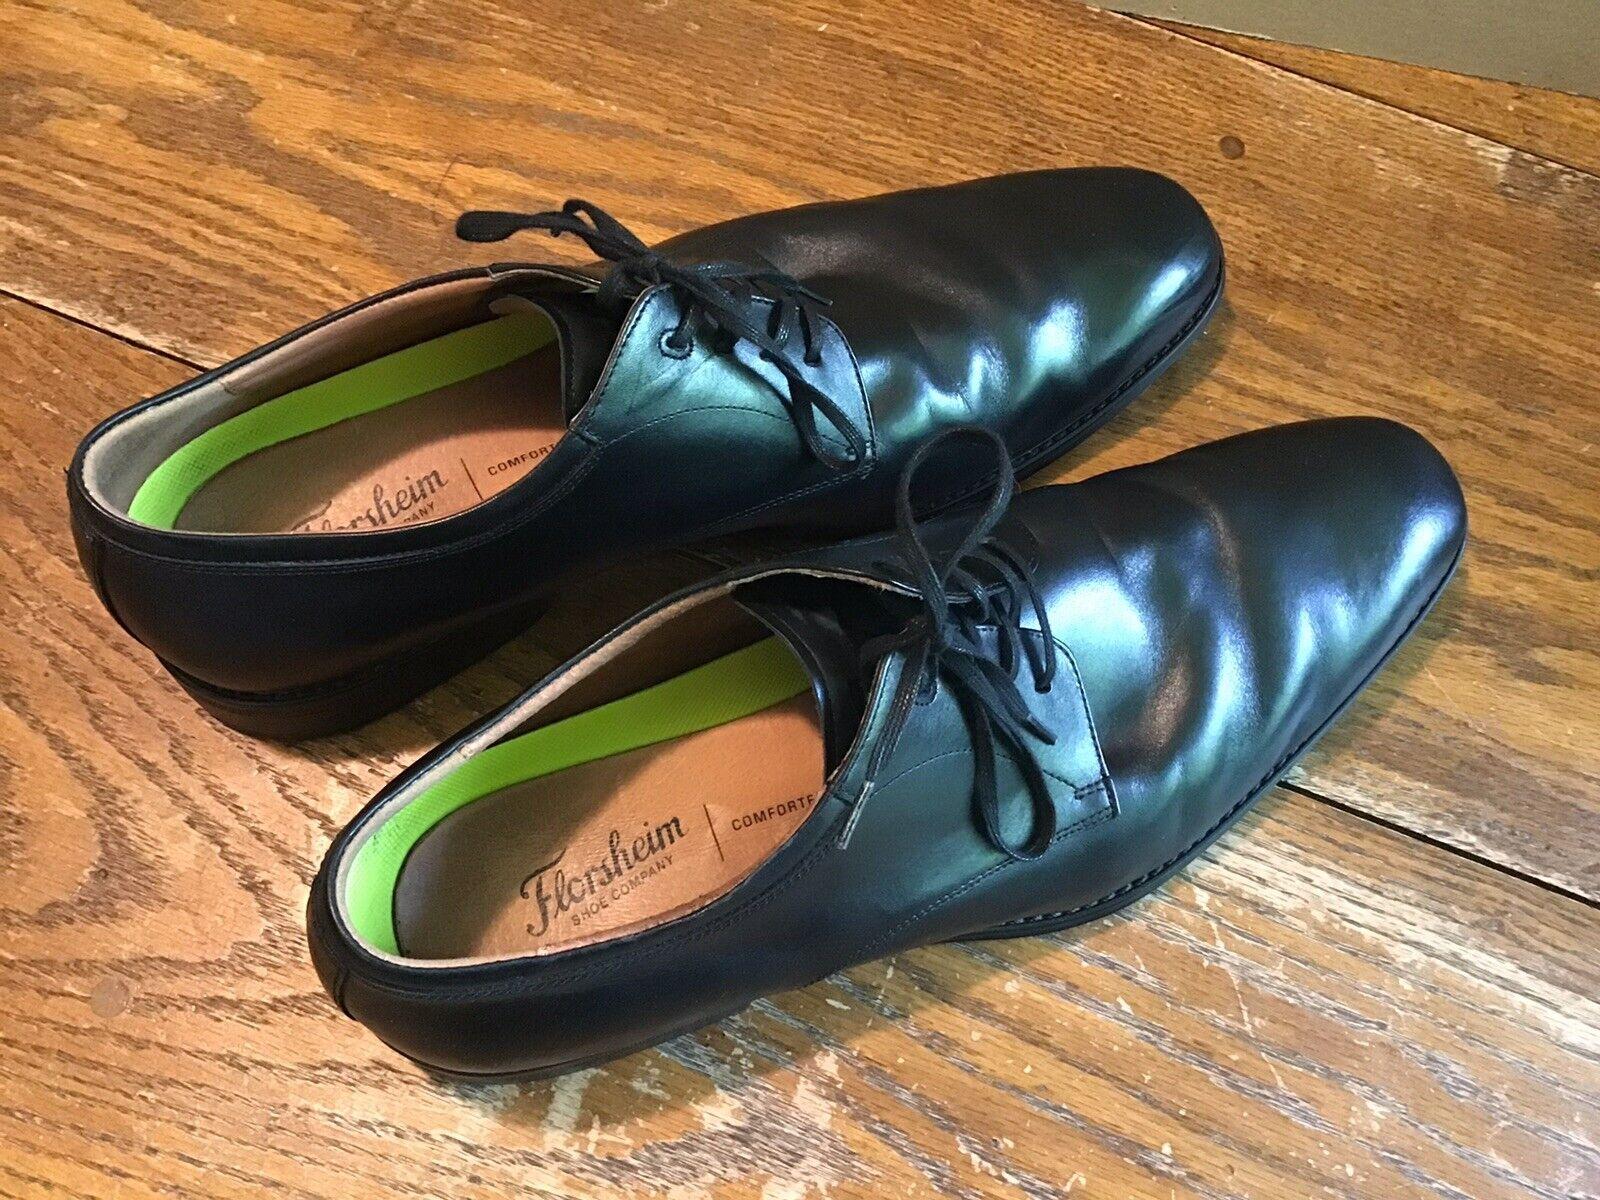 Florsheim Herren Comfortech Oxfords Leder Schwarz Schuhe Größe 13M EUC 14260